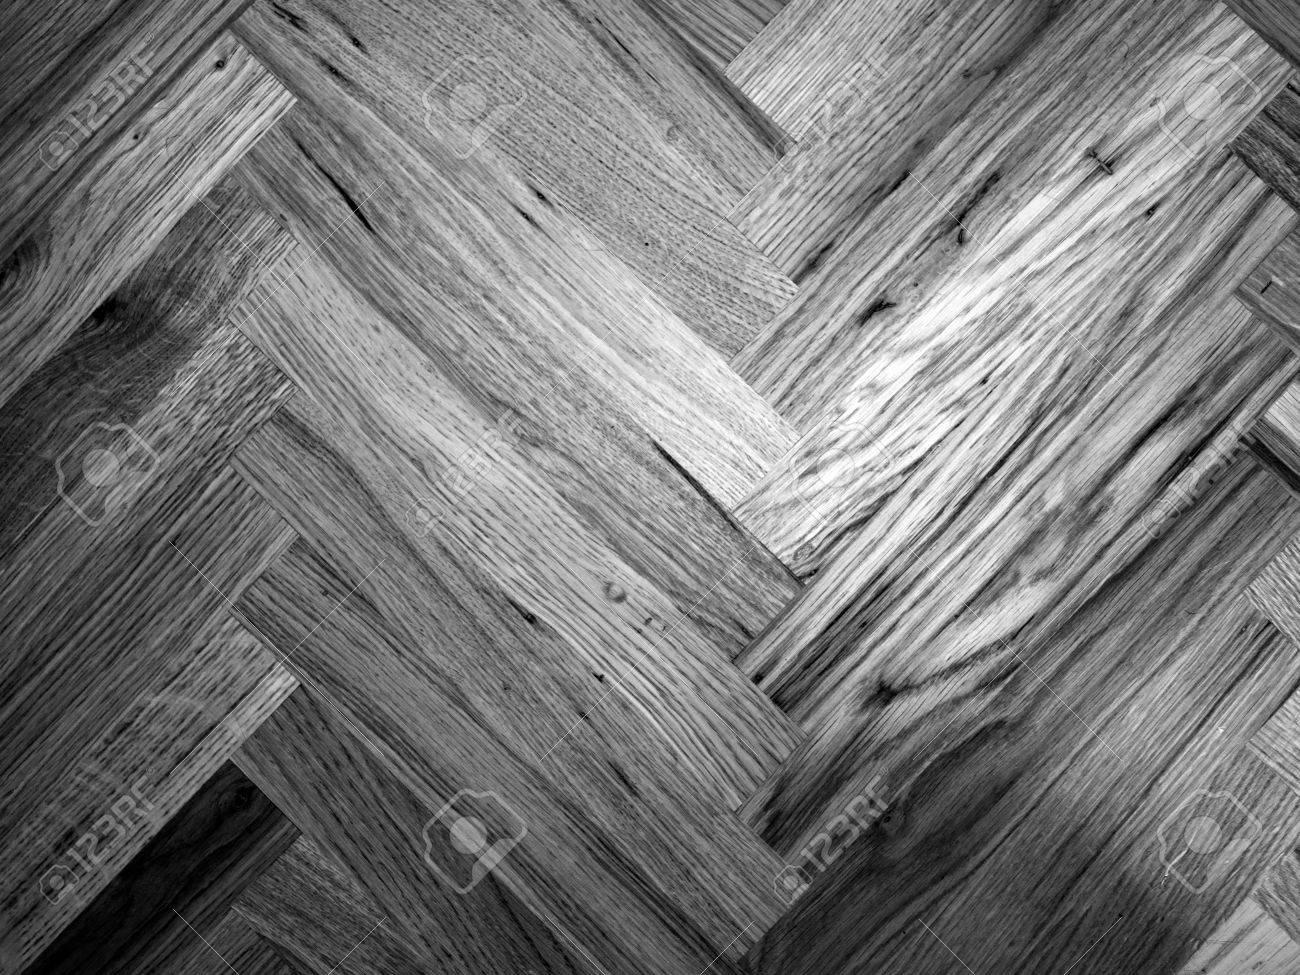 Nahtlose Eiche Laminat Parkett Textur Hintergrund In Schwarz Und